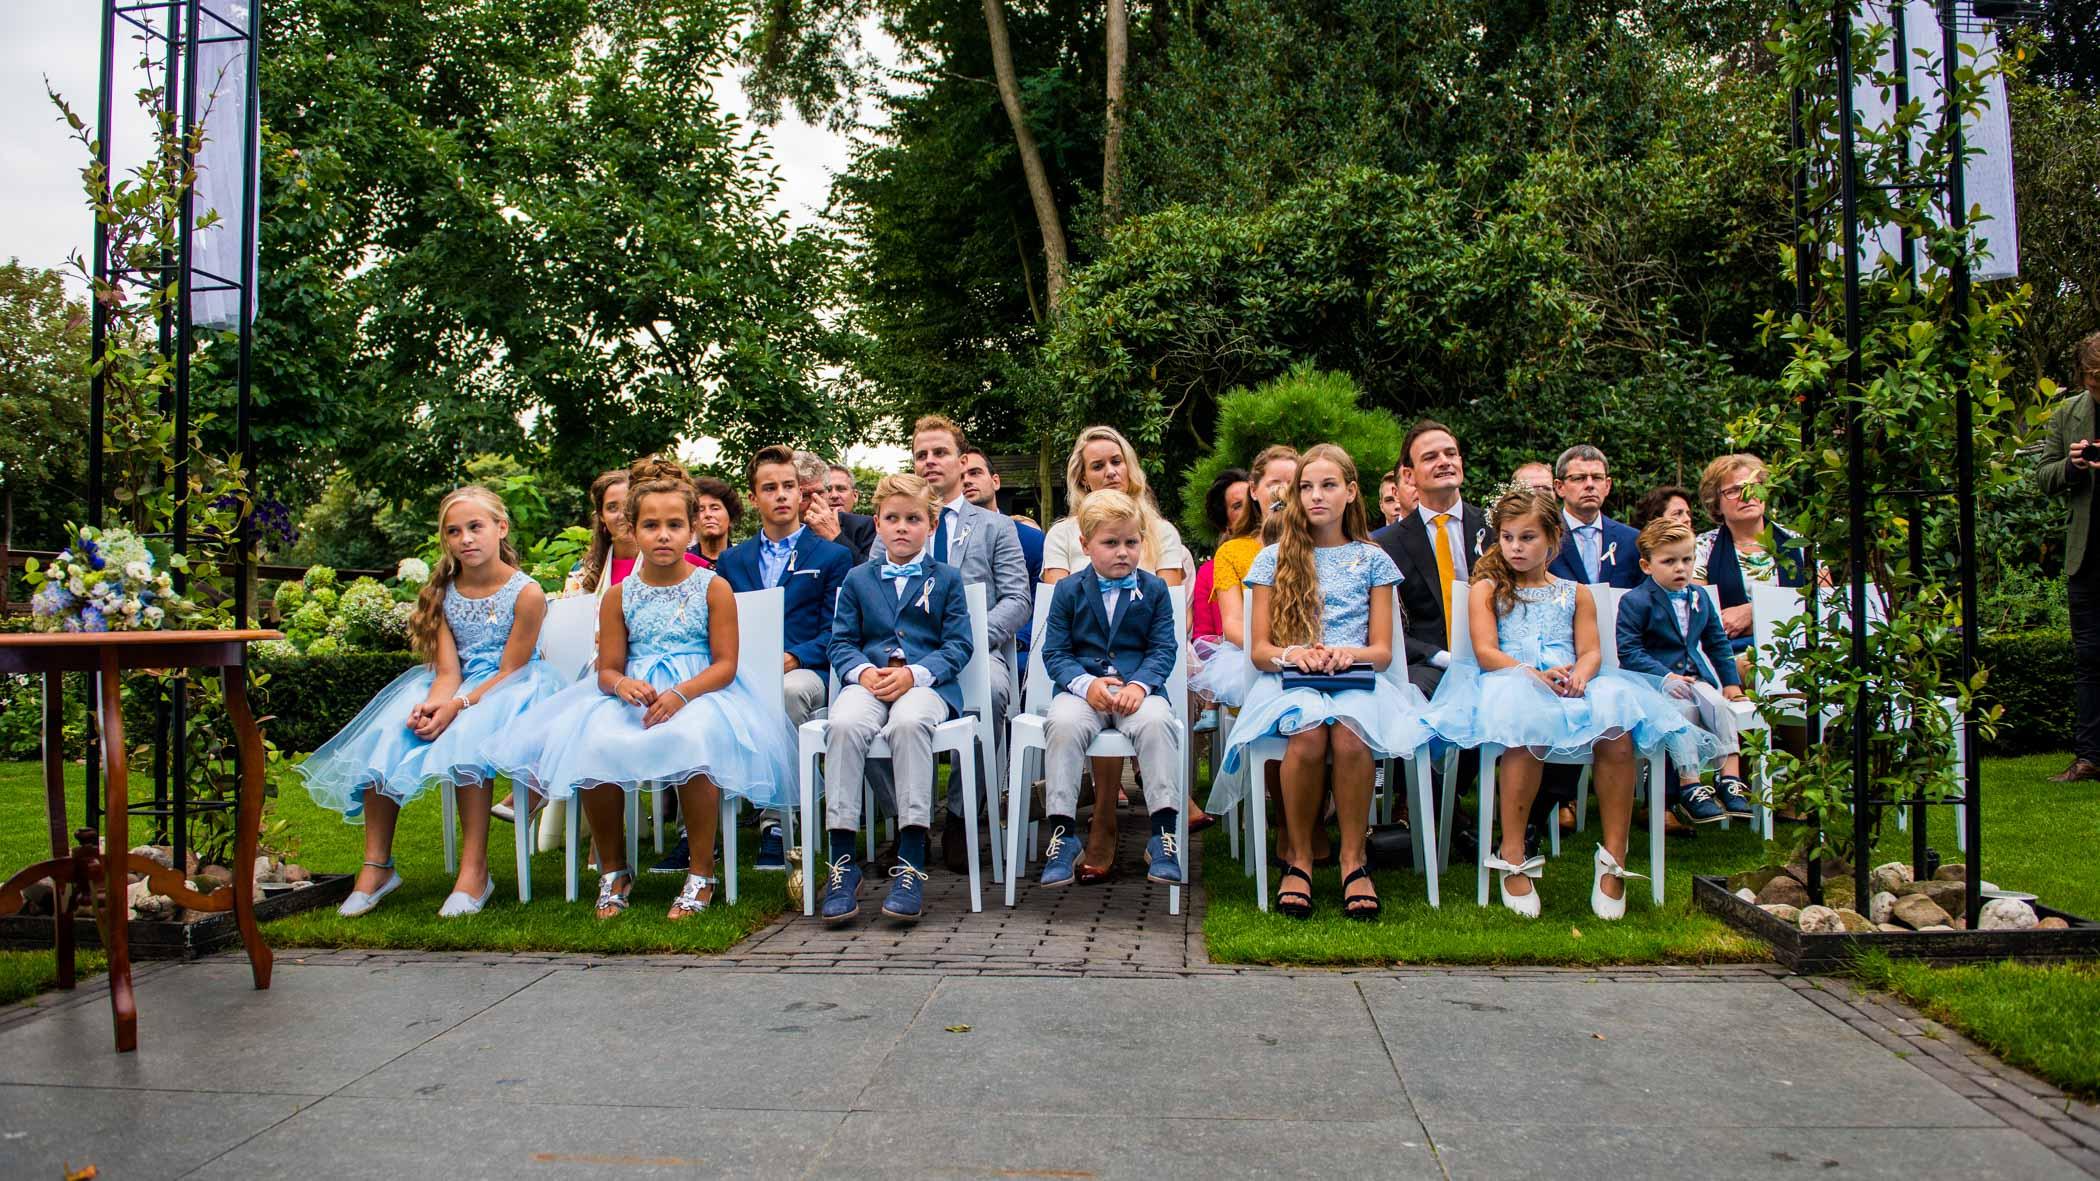 Bruidskinderen bij ceremonie